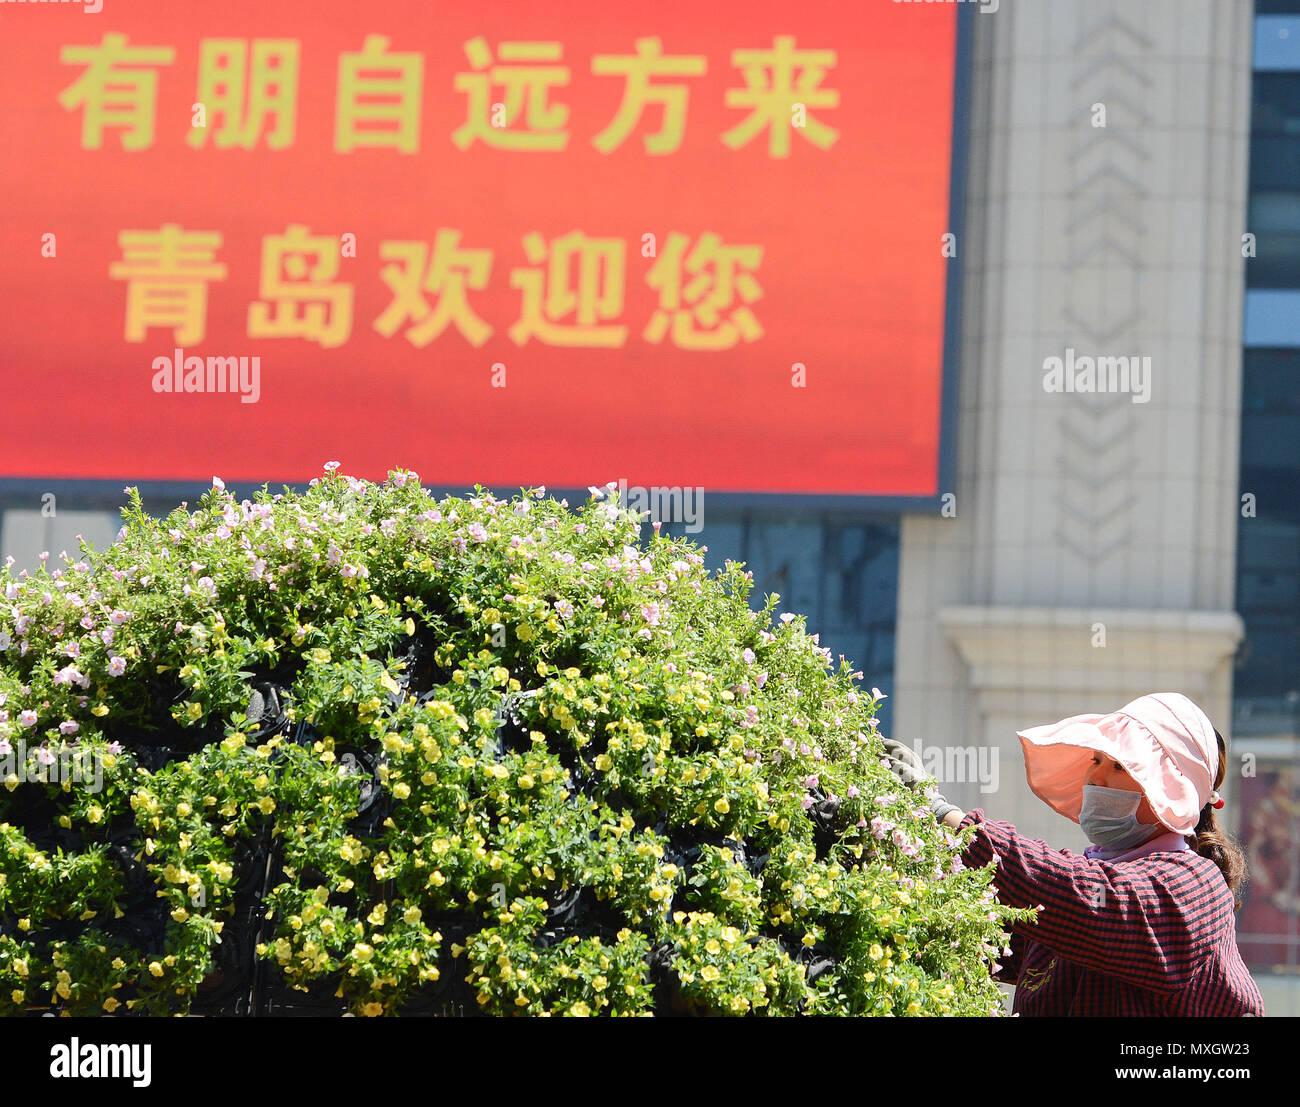 (180604) - Qingdao, 4 de junio de 2018 (Xinhua) -- un jardinero trabaja sobre una calle en Qingdao, Provincia de Shandong, China oriental, 3 de junio de 2018. 18 de la Organización de Cooperación de Shangai (SCO) la Cumbre está programada para el 9 de junio al 10 en la Ciudad de Qingdao. (Xinhua/Sadat) (mcg) Foto de stock